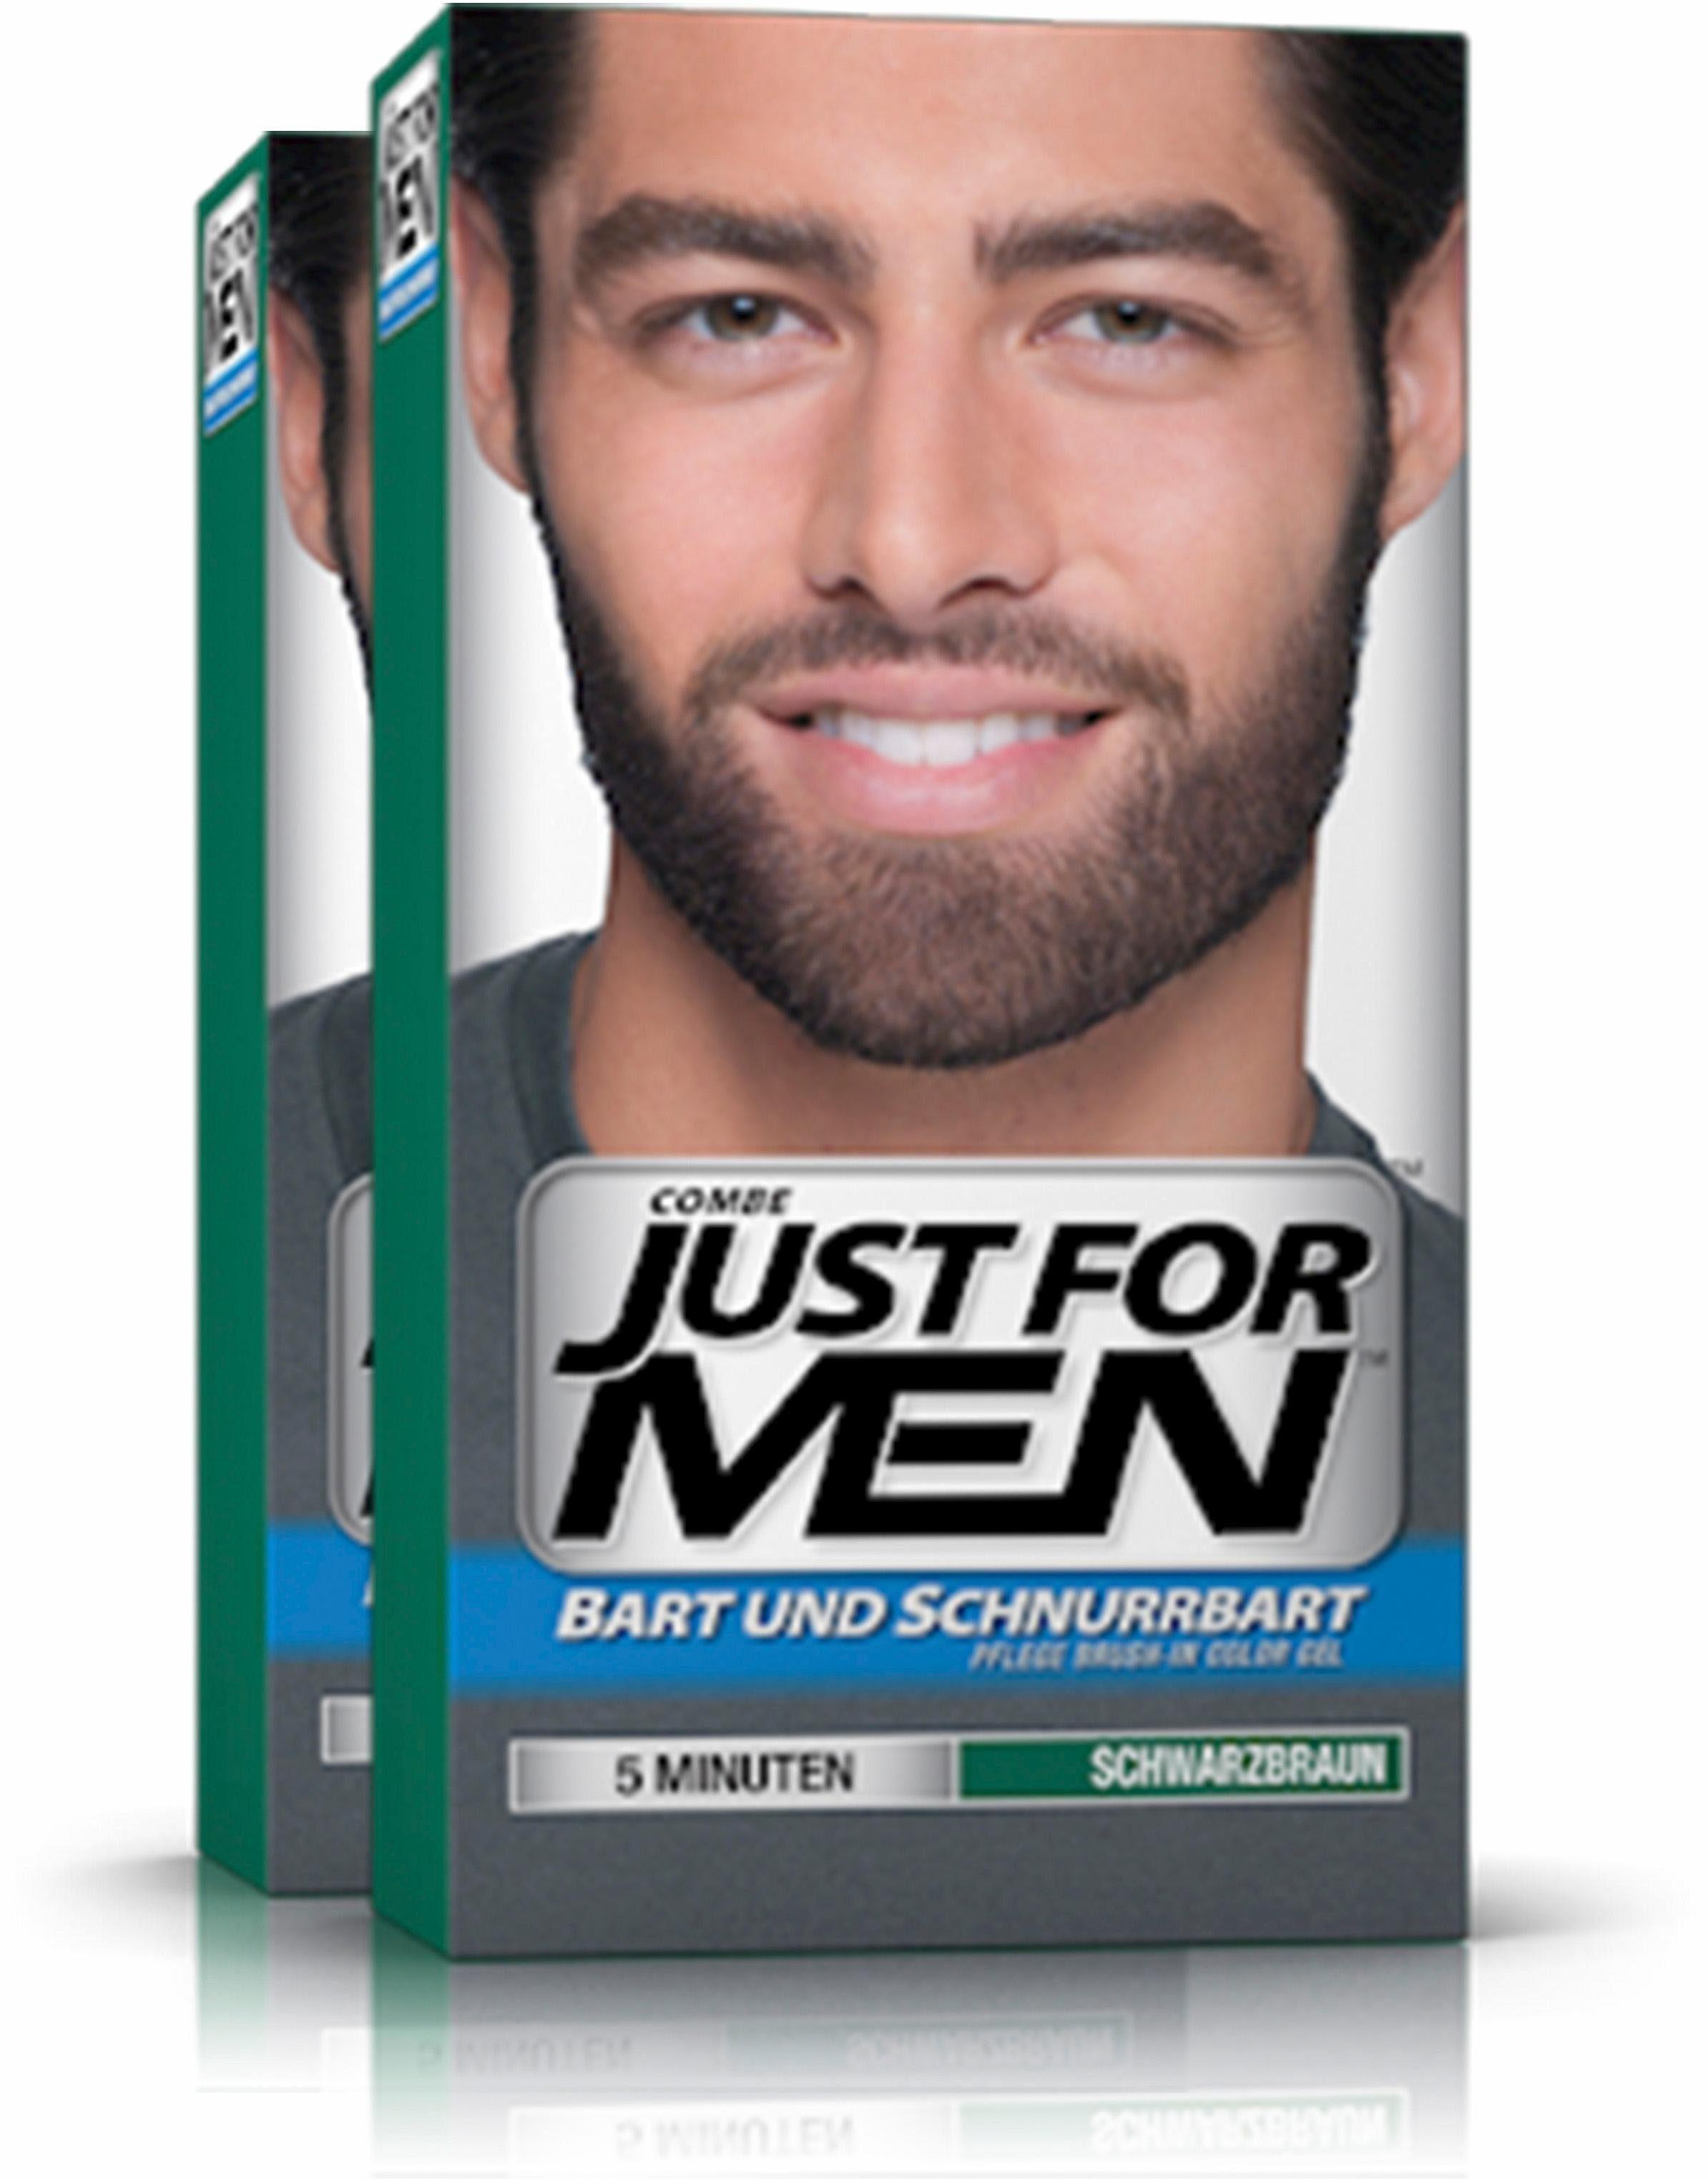 Just for Men, »Pflege-Brush-In-Color-Gel Schwarzbraun«, Haartönung für Bart und Schnurrbart